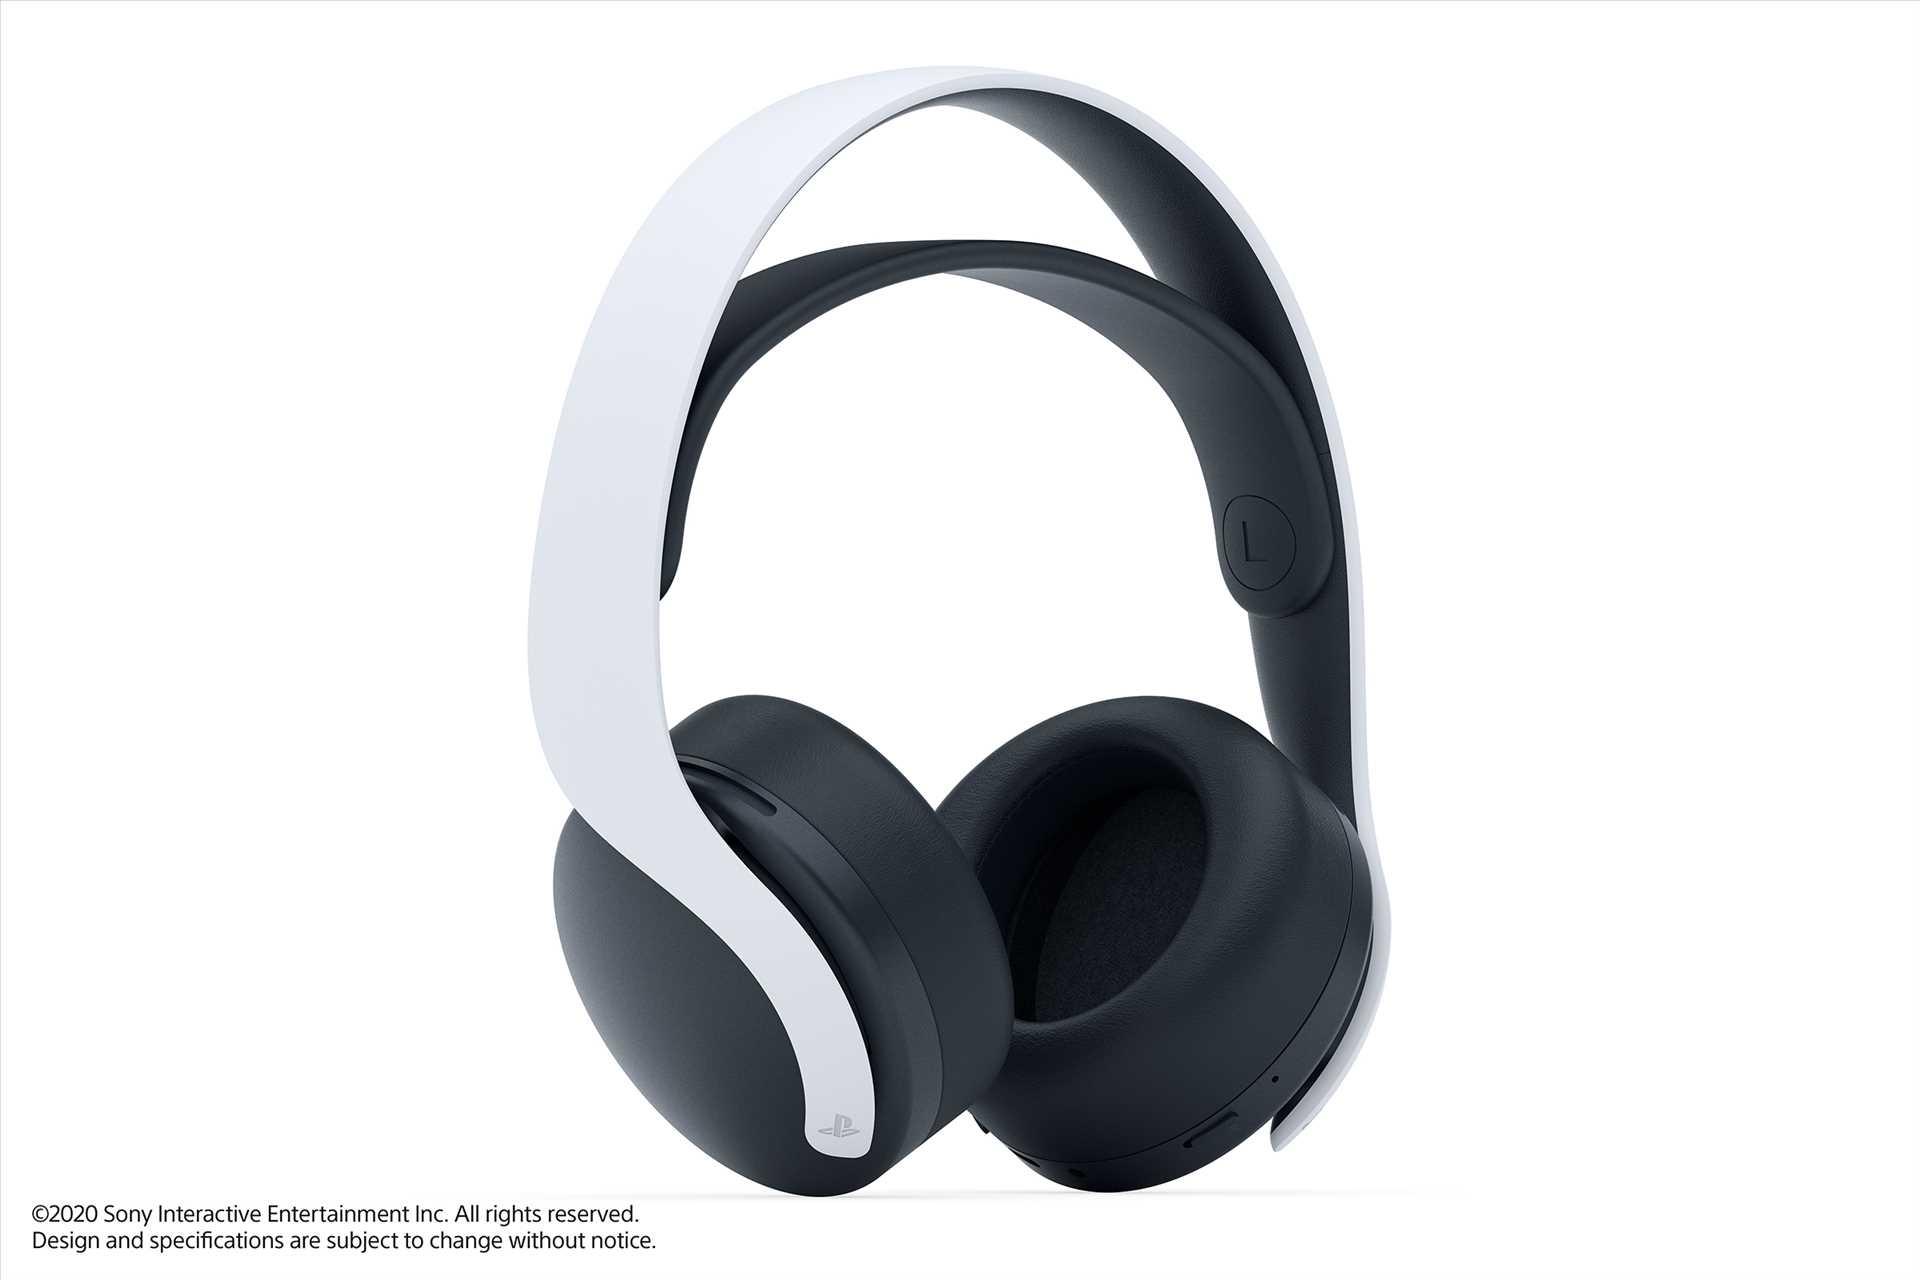 אוזניות גיימינג אלחוטיות Sony Pulse 3D סוני - תמונה 1